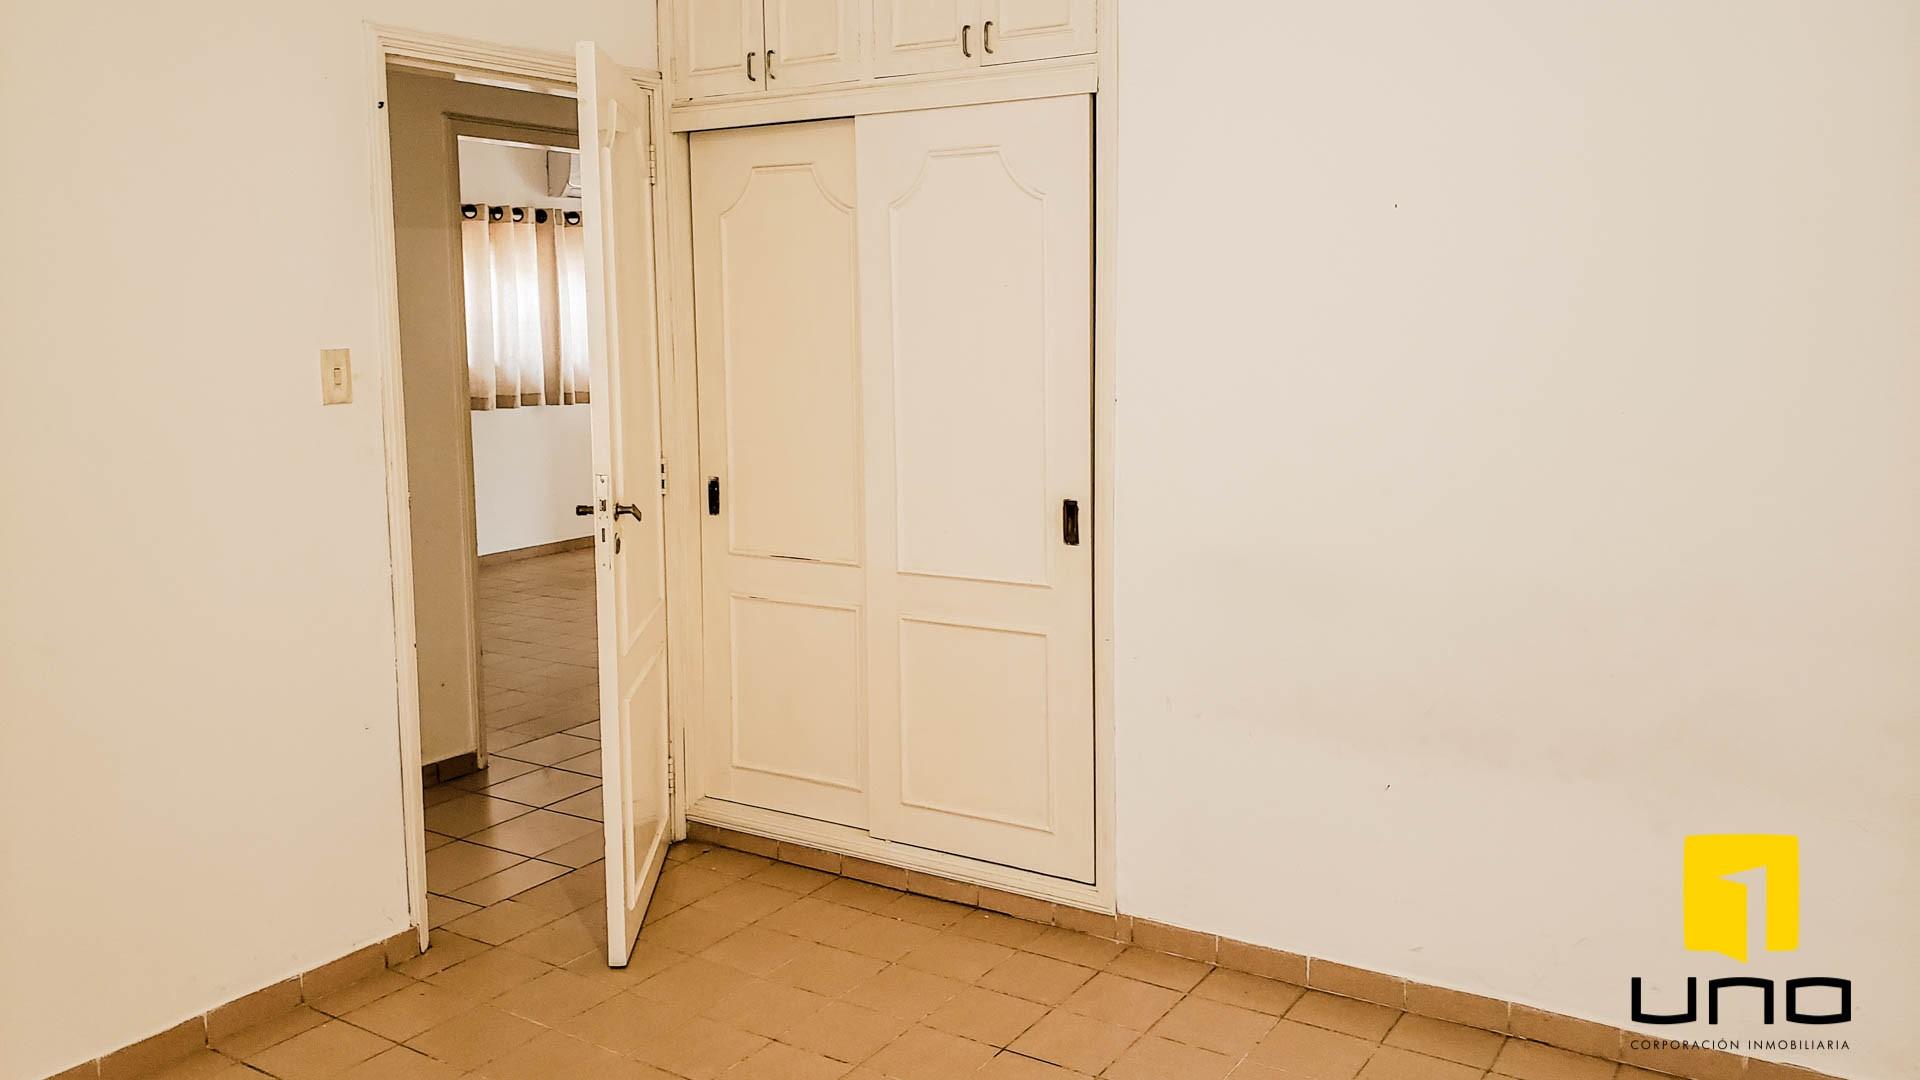 Casa en Venta $us 260.000 VENDO CASA BARRIO LAS PALMAS Foto 11